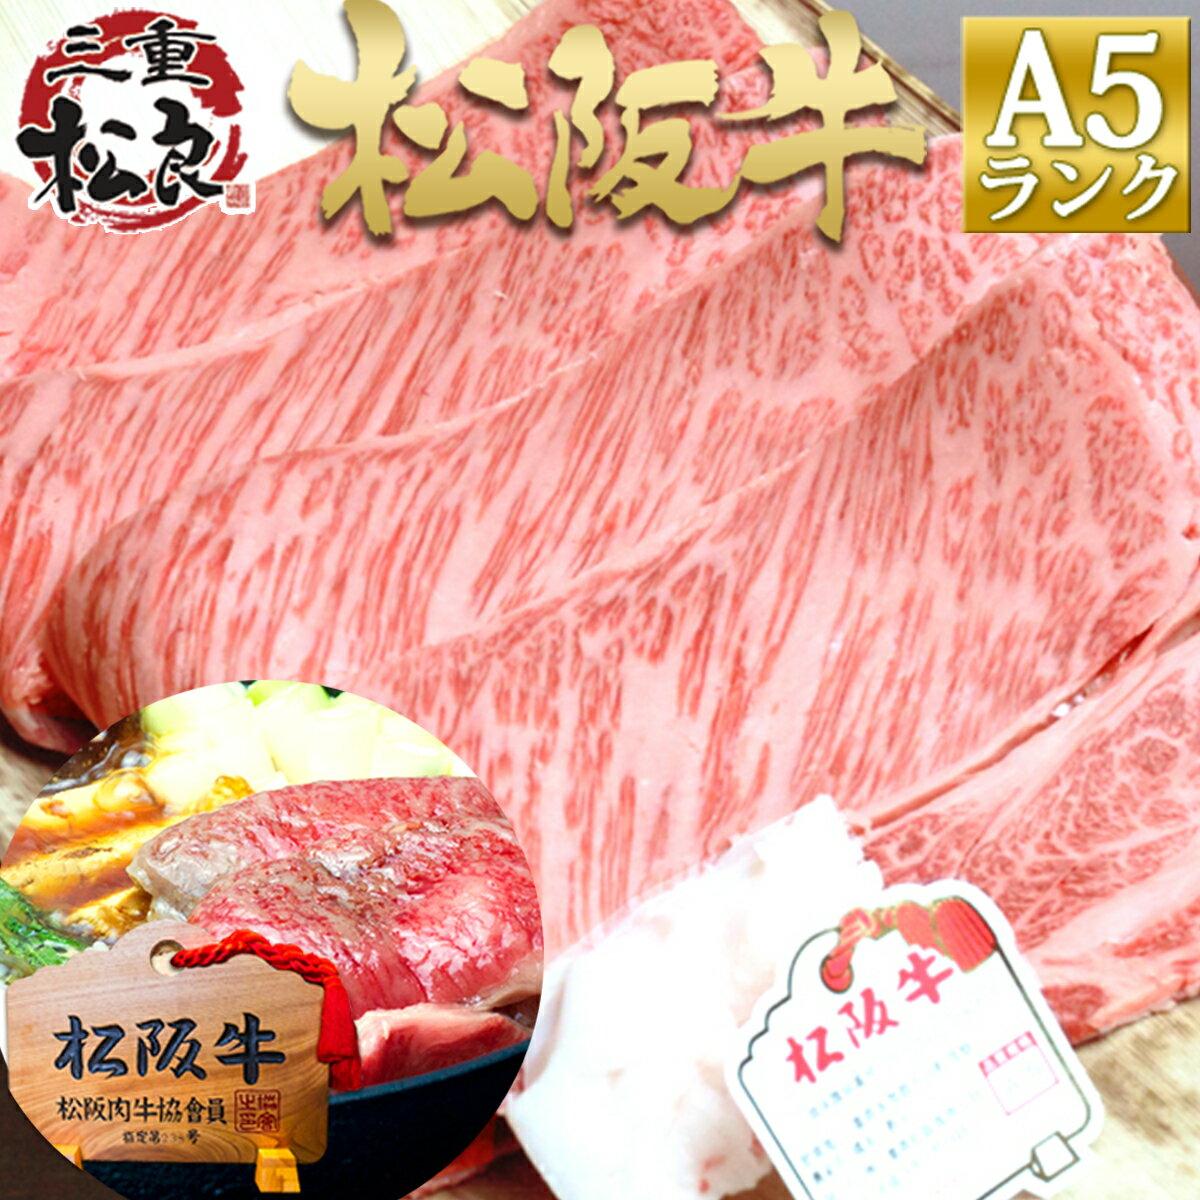 松阪牛 A5ランク ロース 400g 送料無料 父の日 ギフト【すき焼き/焼肉用 松阪肉 お歳暮 母の日 令和】